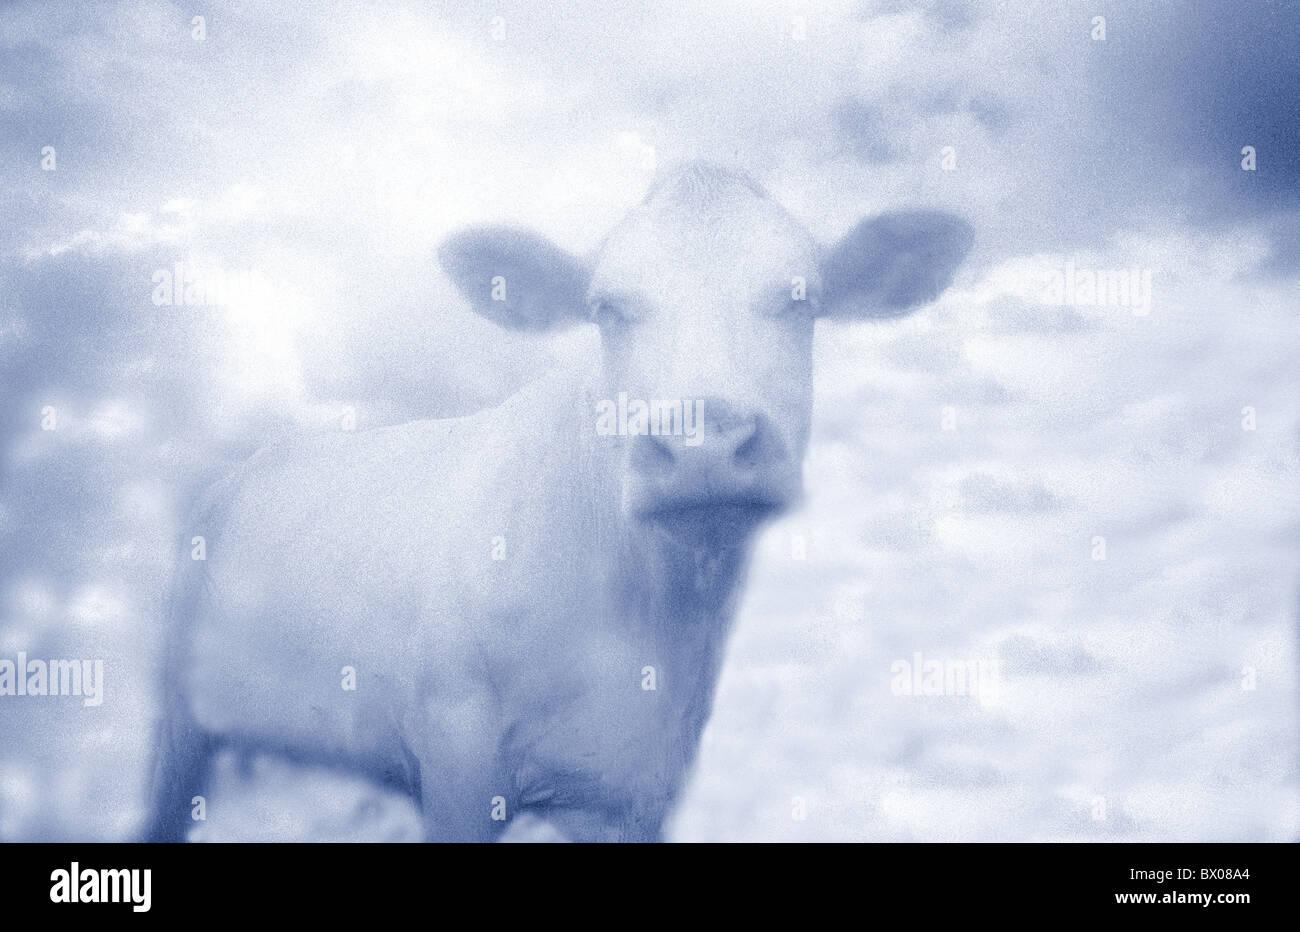 Blue cow nature imagination surréalisme cocasse bête animal dream Banque D'Images